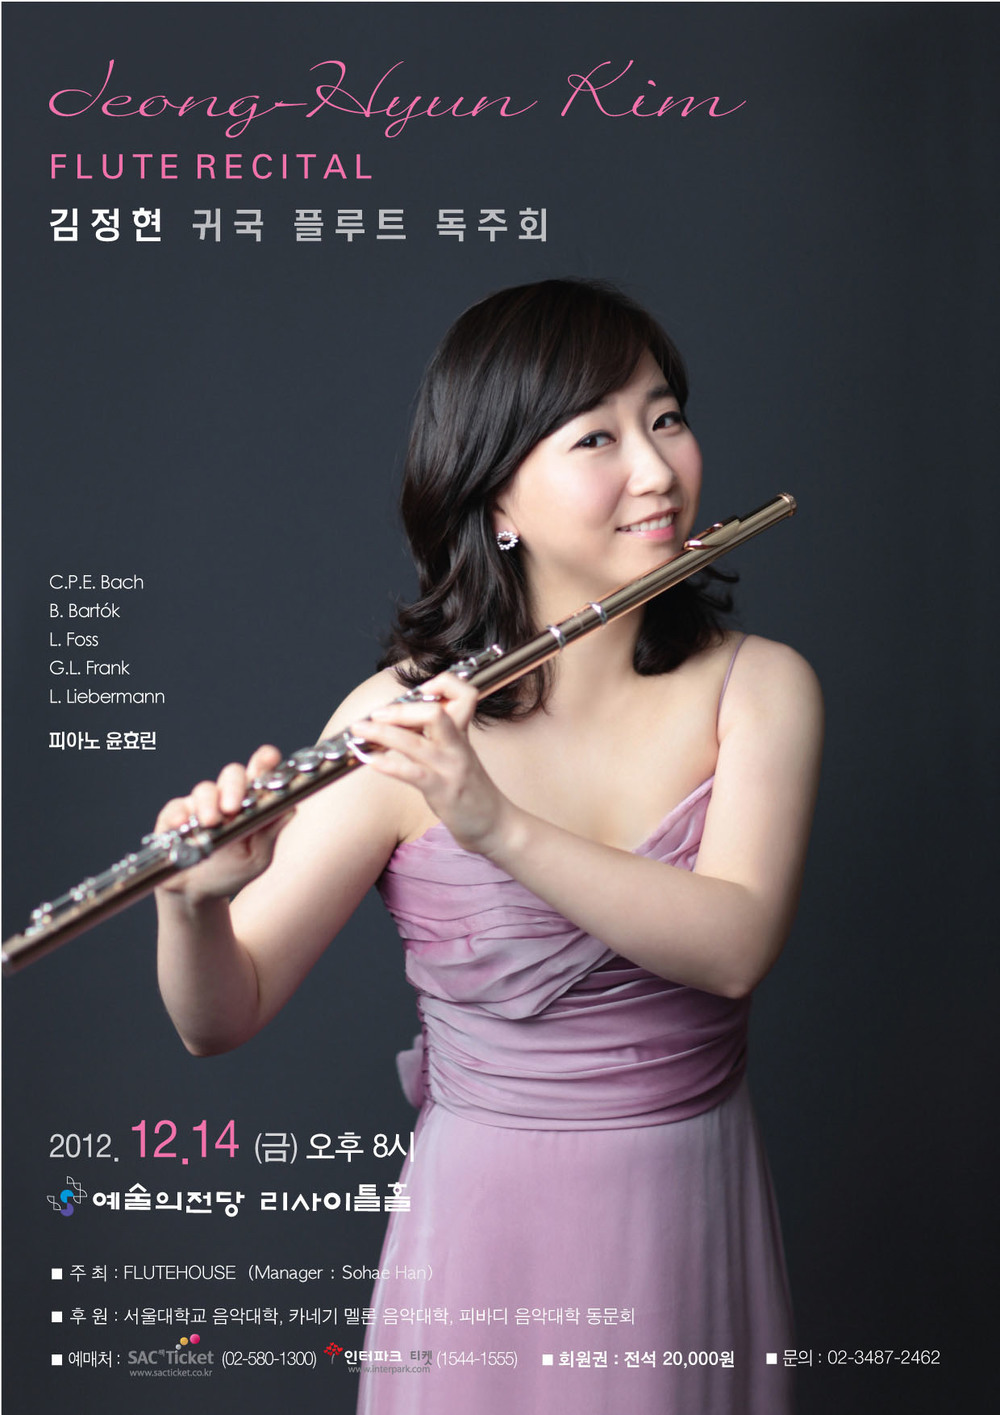 jeonghyunkim2012.jpg